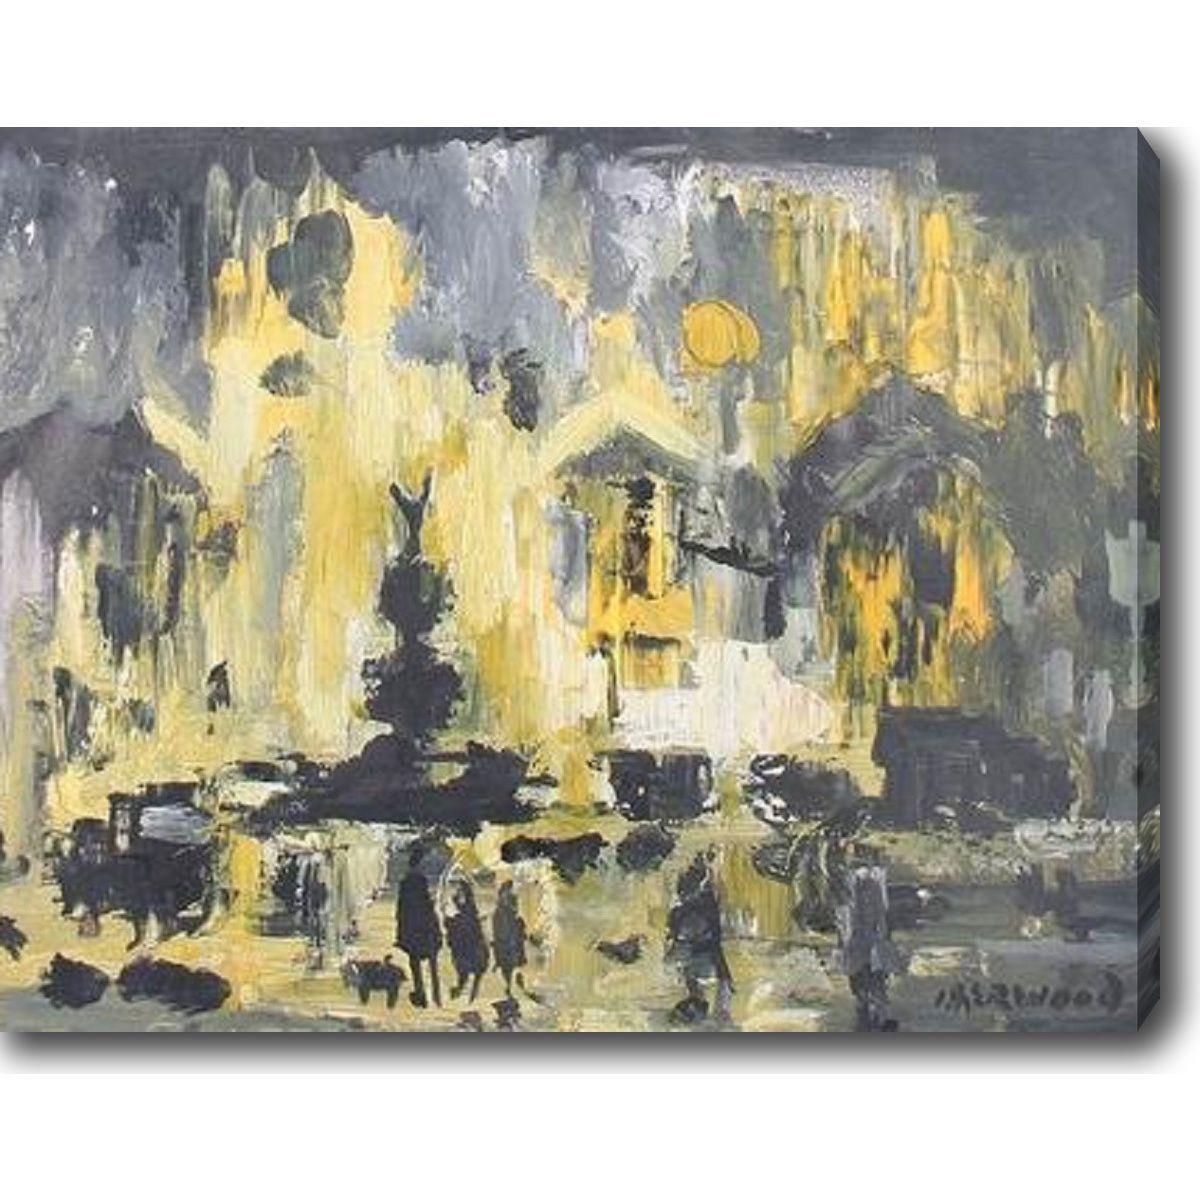 li>Title: Yellow and Grey</li><li>Product type: Gallery-wrapped ...